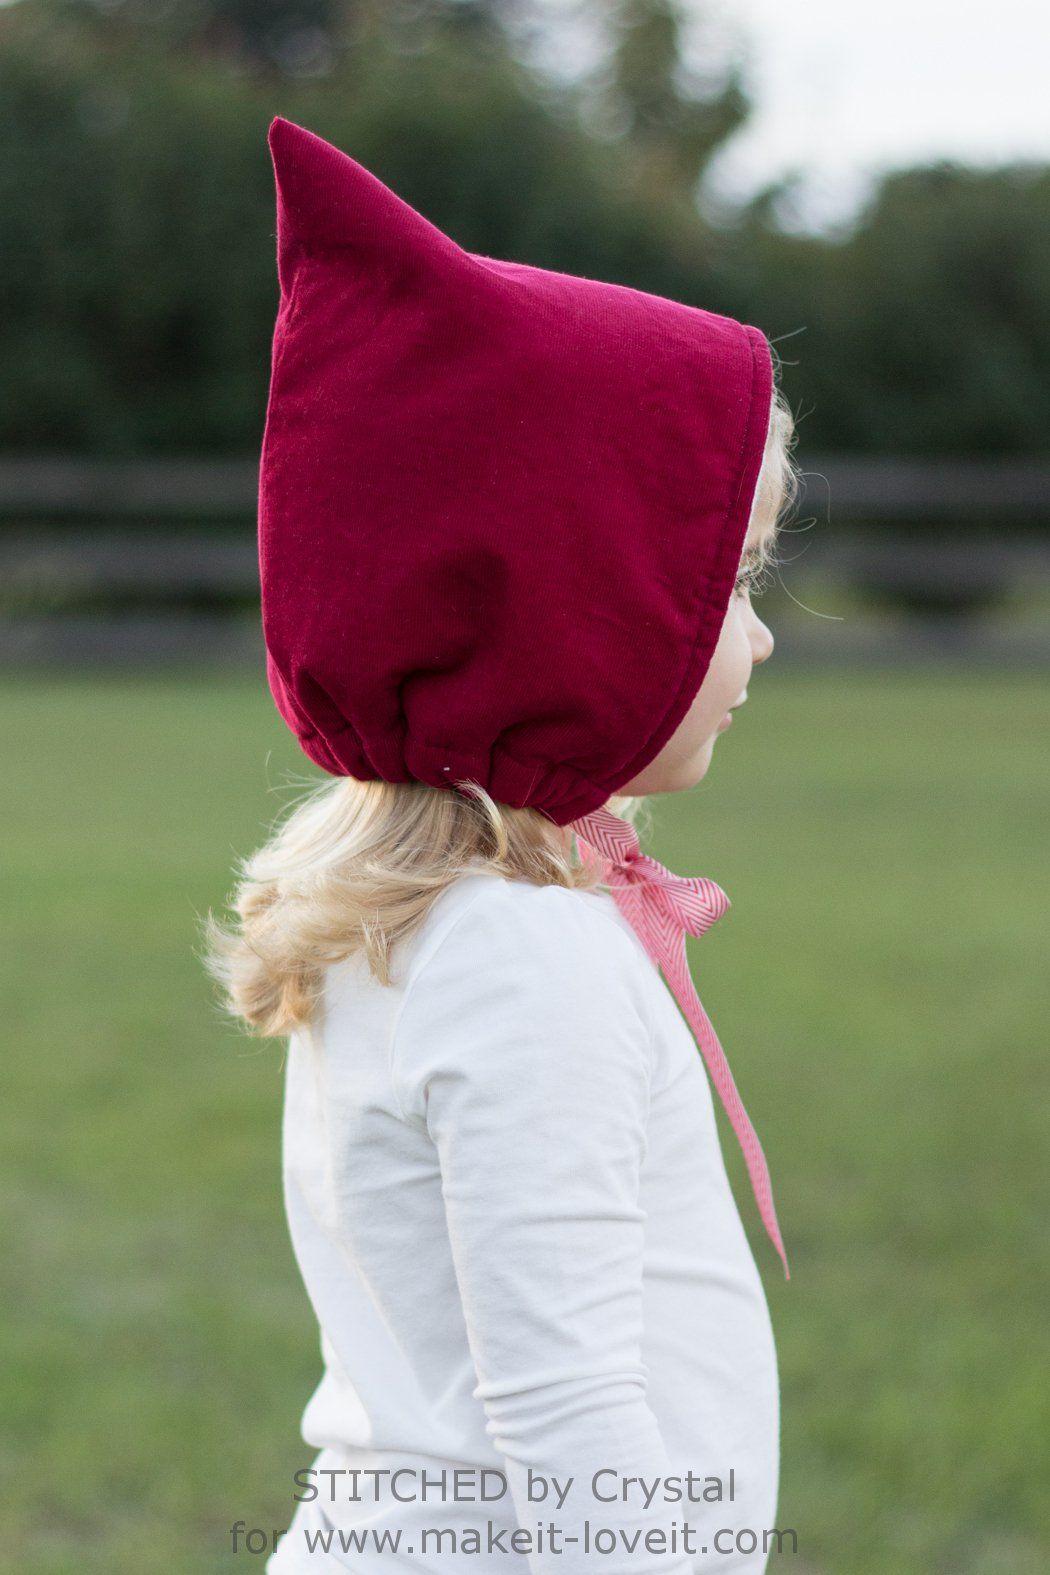 Sew a Pixie Hat/Bonnet for Winter | Nähen